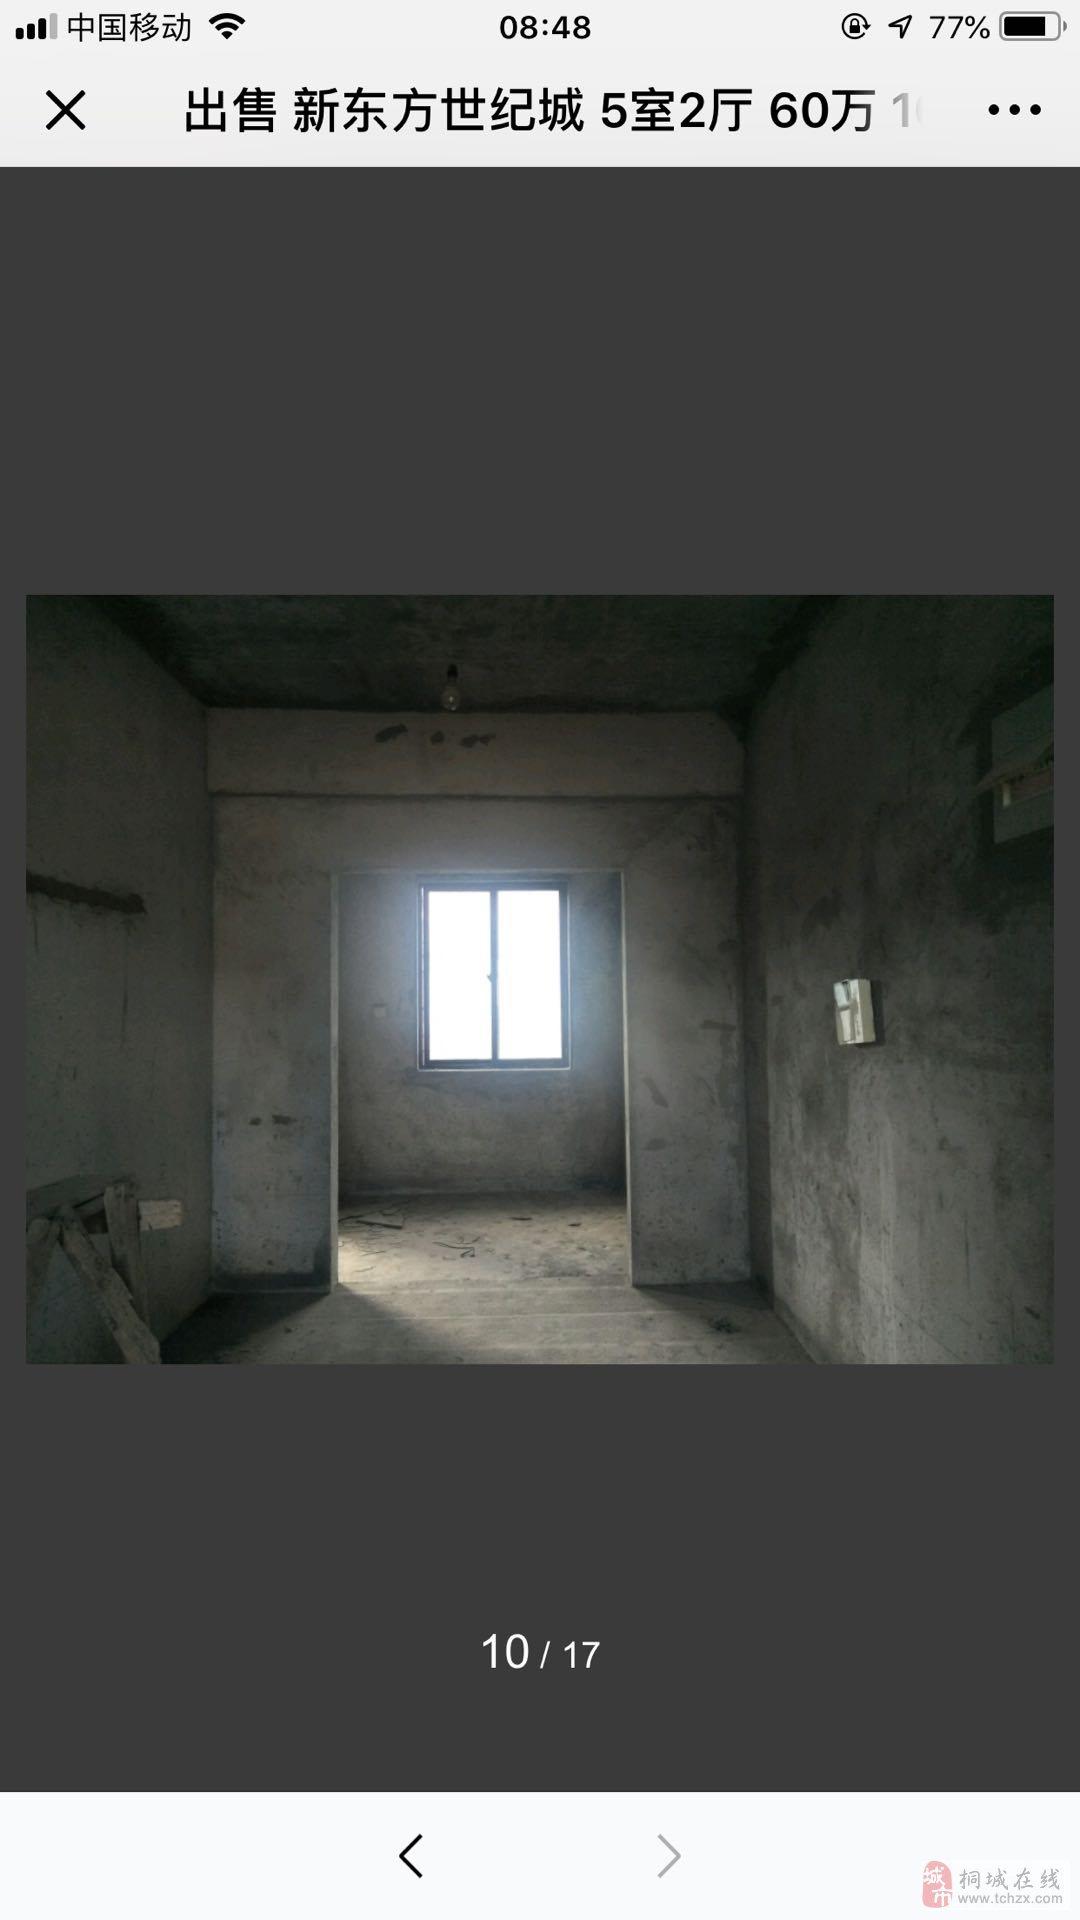 新东方世纪城5室2厅3卫60万元